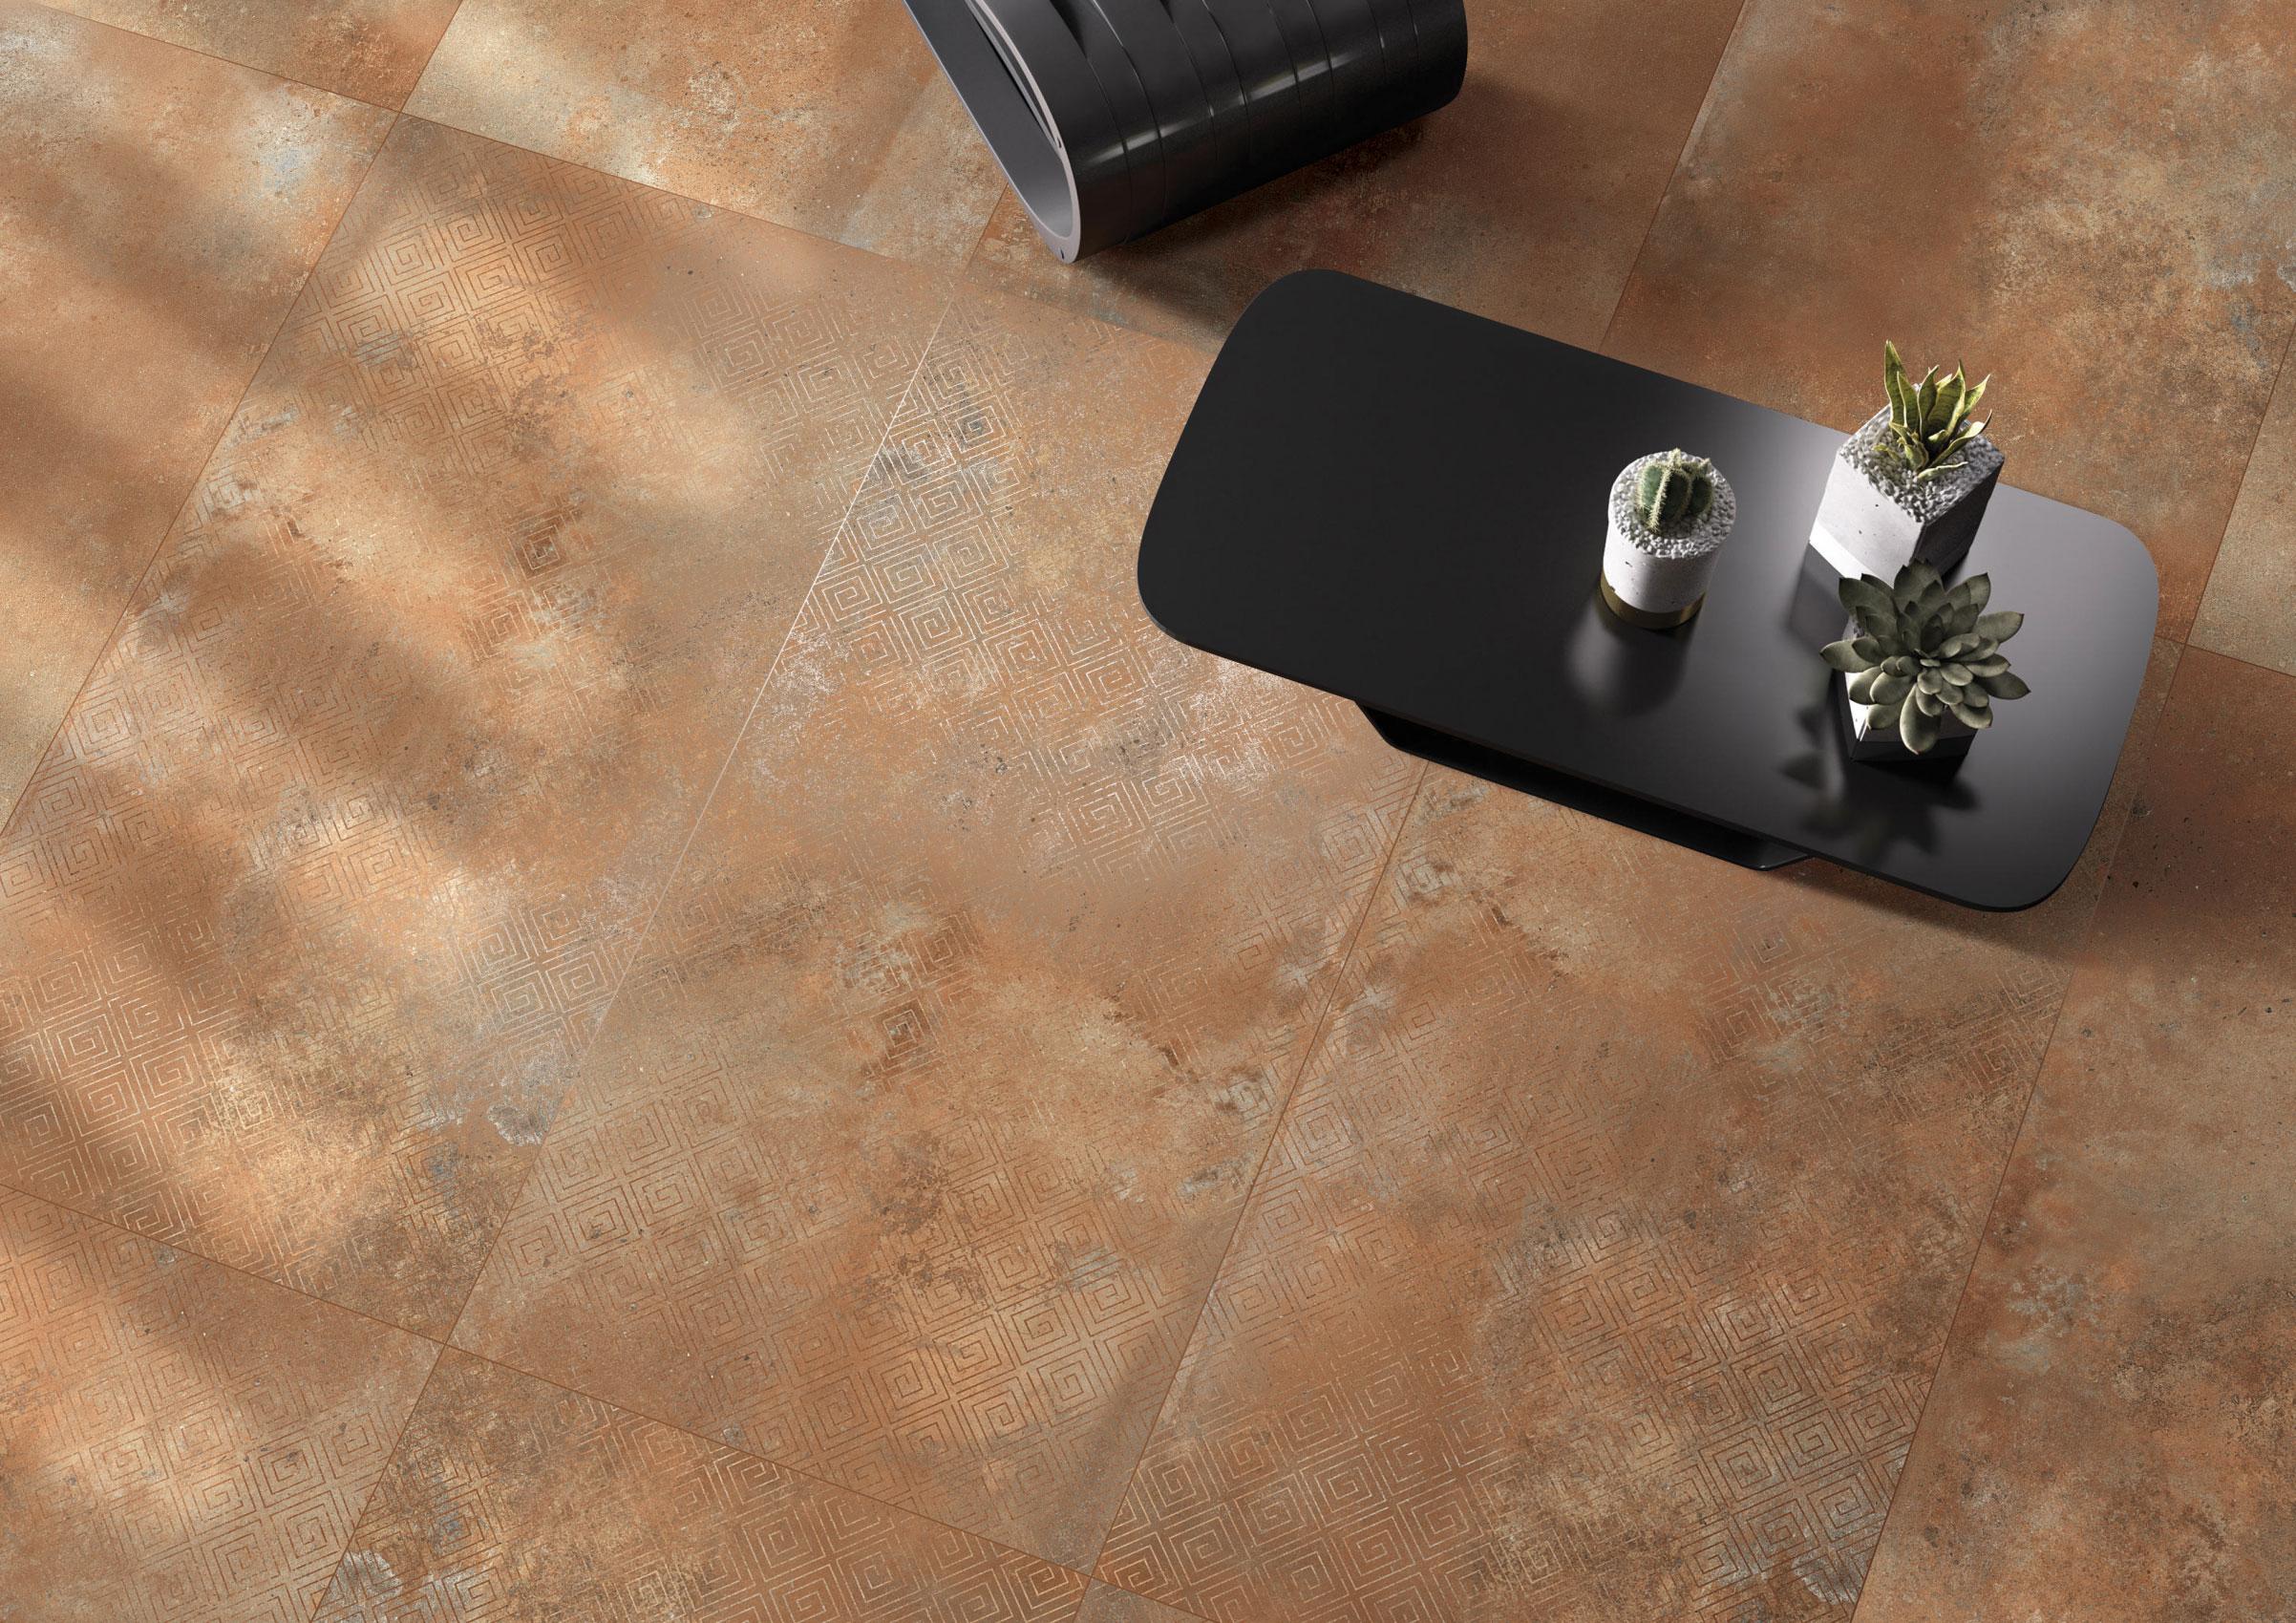 matt finish tiles